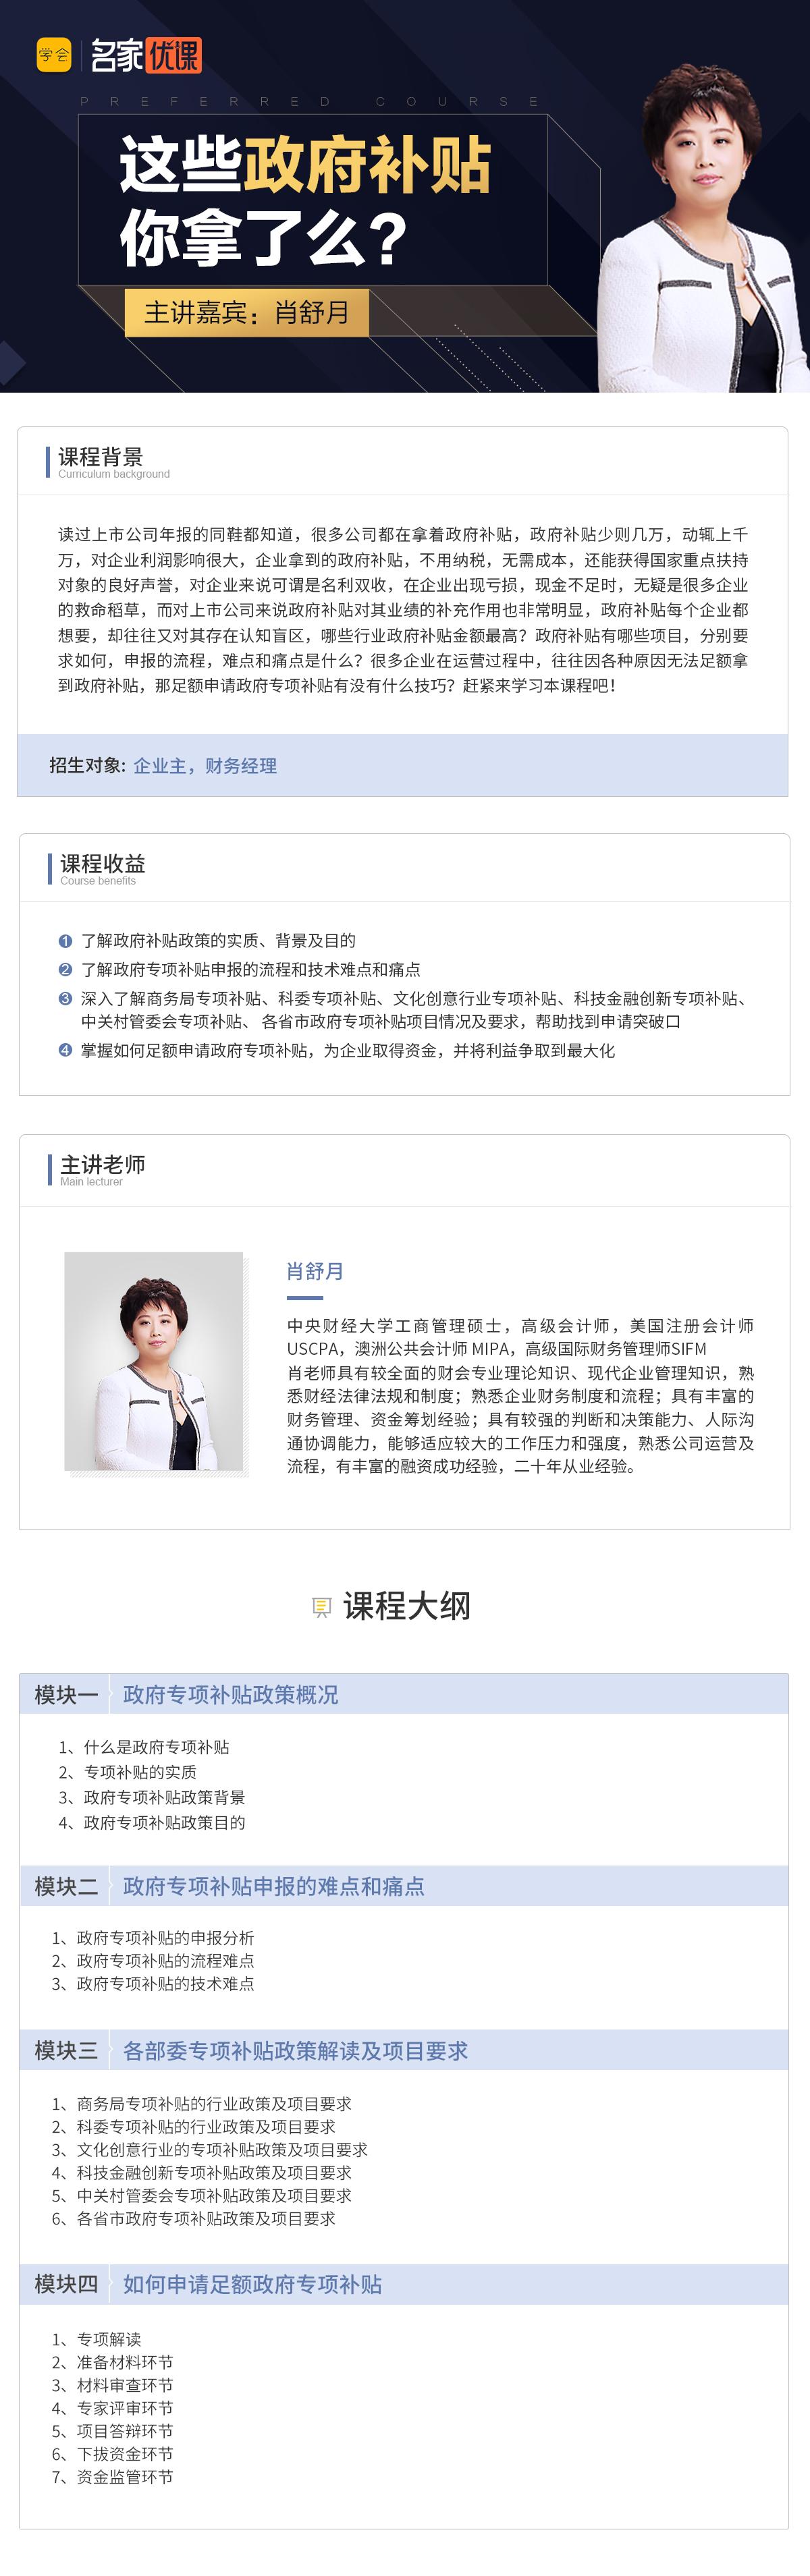 课程简章肖1200(2).jpg